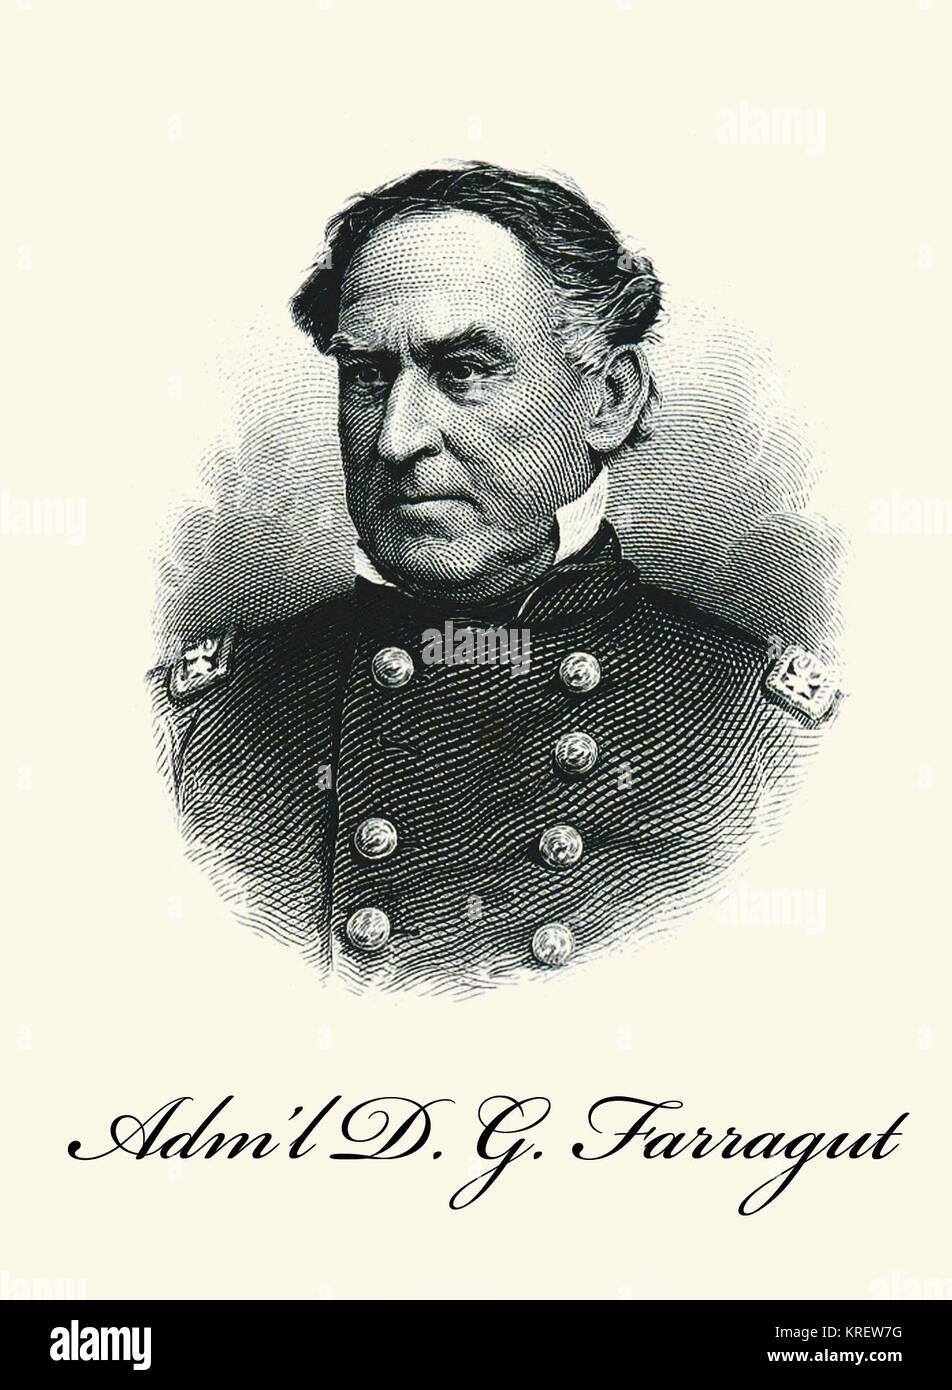 Adm. D.G. Farragut Engraved Portrait Card Stock Photo